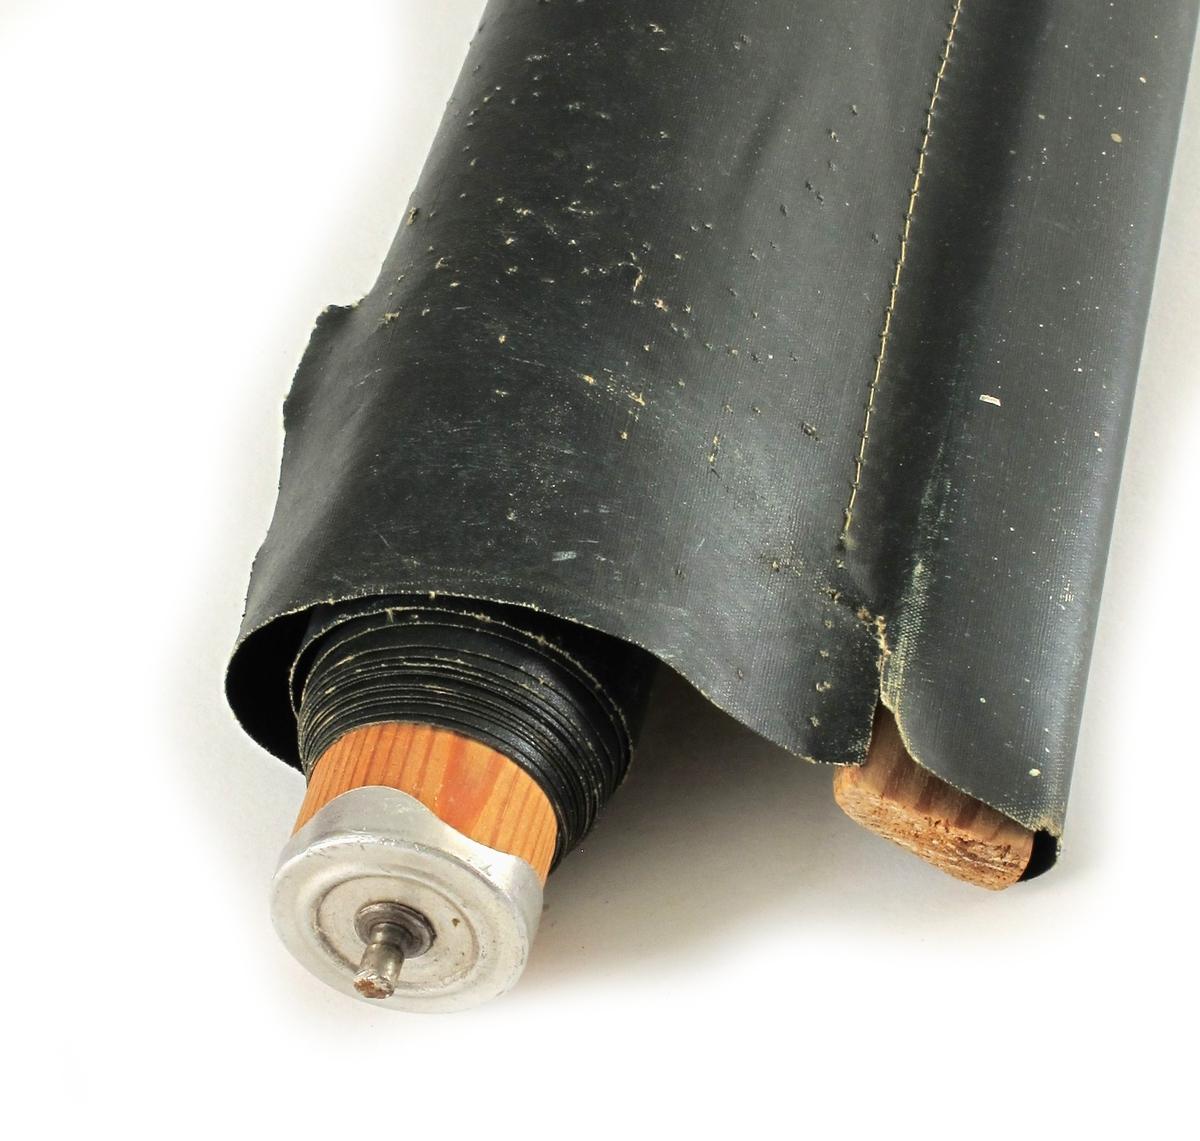 Oljelerret (?) montert på rundstang med fjærer for opptrekk. Snor.  Grønn, mørk, på grensen mot koksgrå.